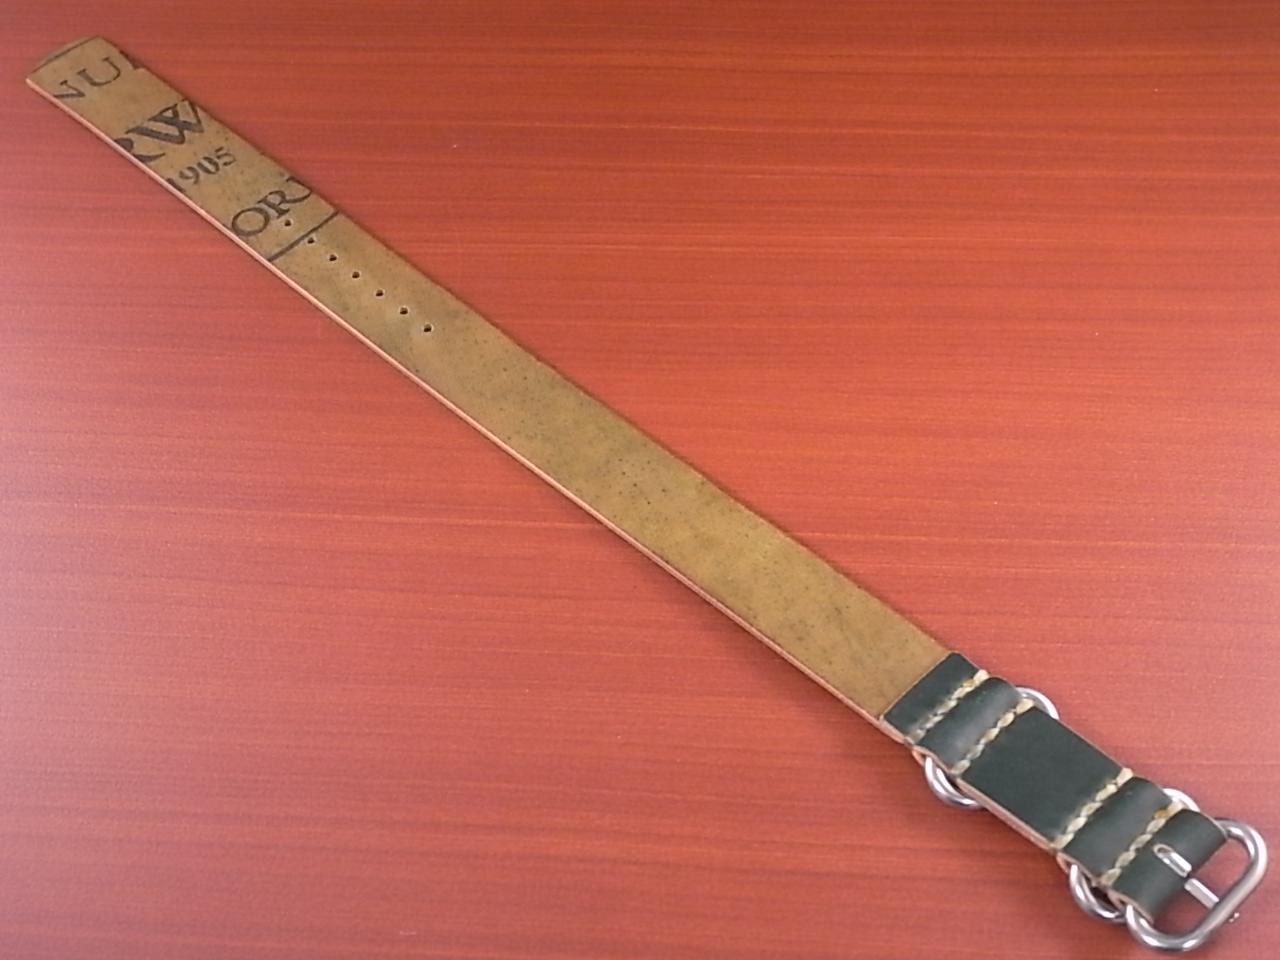 ホーウィン コードバン 引き通し革ベルト グリーン 17~24mm 受注生産の写真2枚目